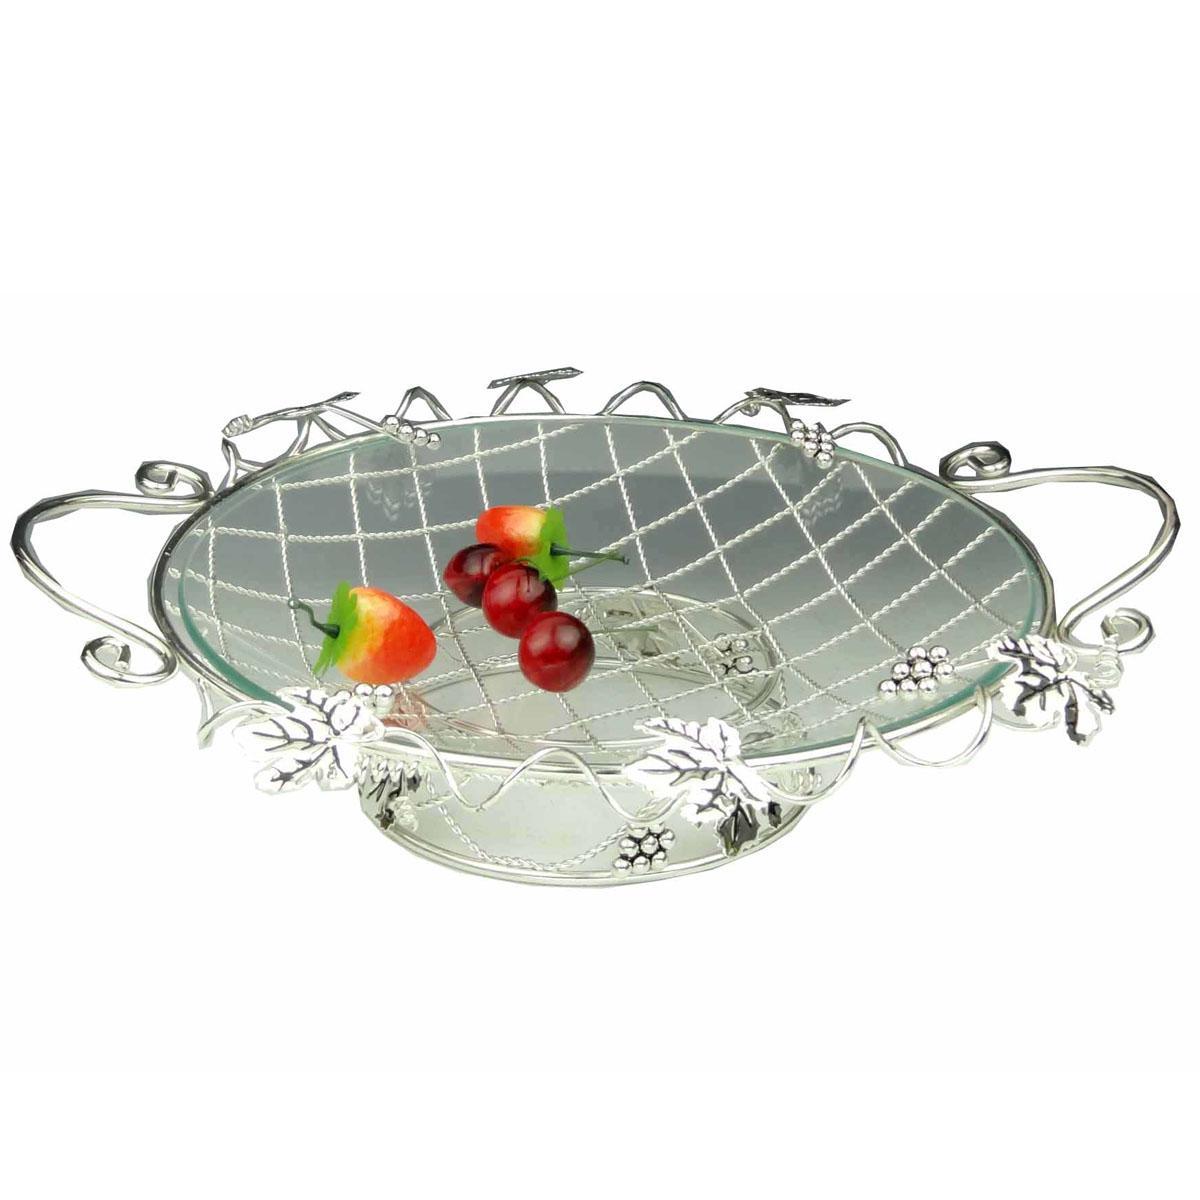 Ваза универсальная Marquis, диаметр 35 см7013-MRУниверсальная ваза Marquis выполнена из стали с серебряно-никелевым покрытием и снабжена съемным круглым поддоном из прочного стекла. Стальная ножка обеспечивает устойчивость вазы. Ваза выполнена в виде плетеной стальной решетки, украшенной листьями и гроздьями винограда. По бокам имеются удобные ручки.Посуда может использоваться как фруктовница.Выполненная под старину, такая ваза придется по вкусу и ценителям классики, и тем, кто предпочитает утонченность и изысканность.Сервировка праздничного стола вазой Marquis станет великолепным украшением любого торжества. Характеристики:Материал: сталь, серебряно-никелевое покрытие, стекло. Диаметр вазы: 35 см. Диаметр вазы с учетом ручек: 40 см. Высота вазы: 9 см. Размер упаковки: 40 см x 38 см x 10 см. Артикул: 7013-MR.